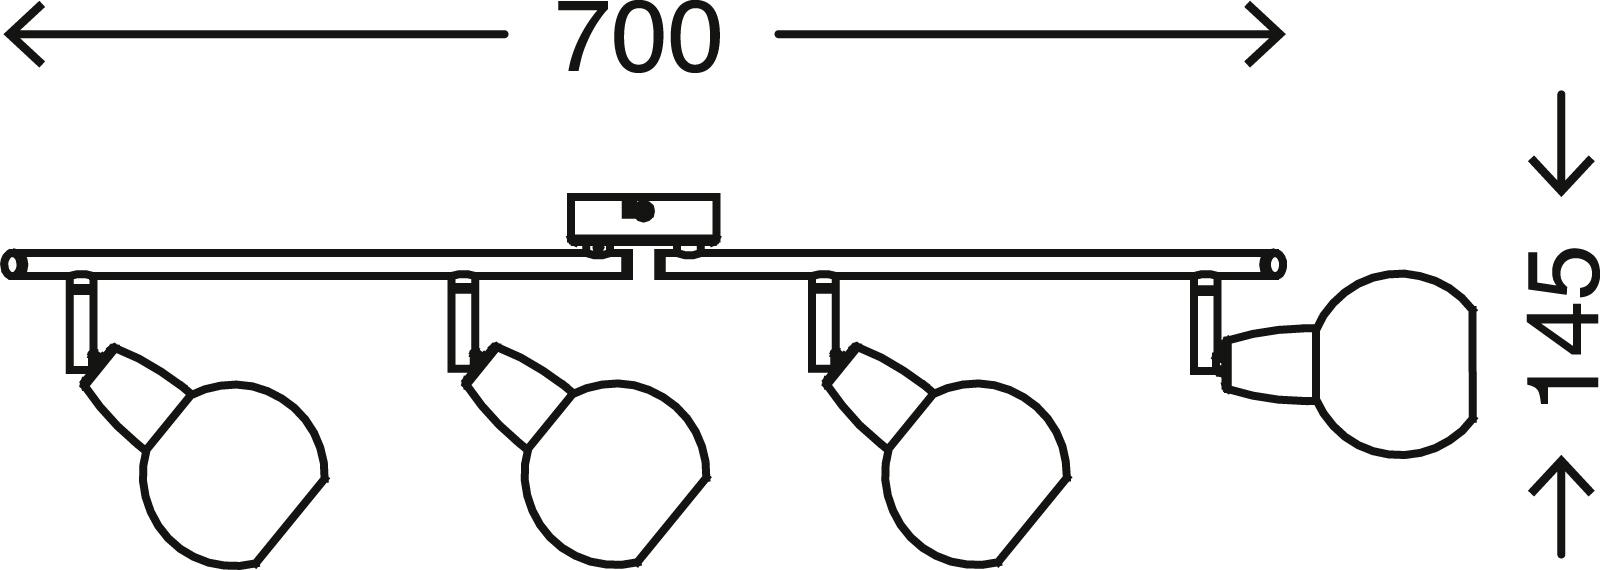 Spot Deckenleuchte, 70 cm, max. 5,5 W, Matt-Nickel-Amber